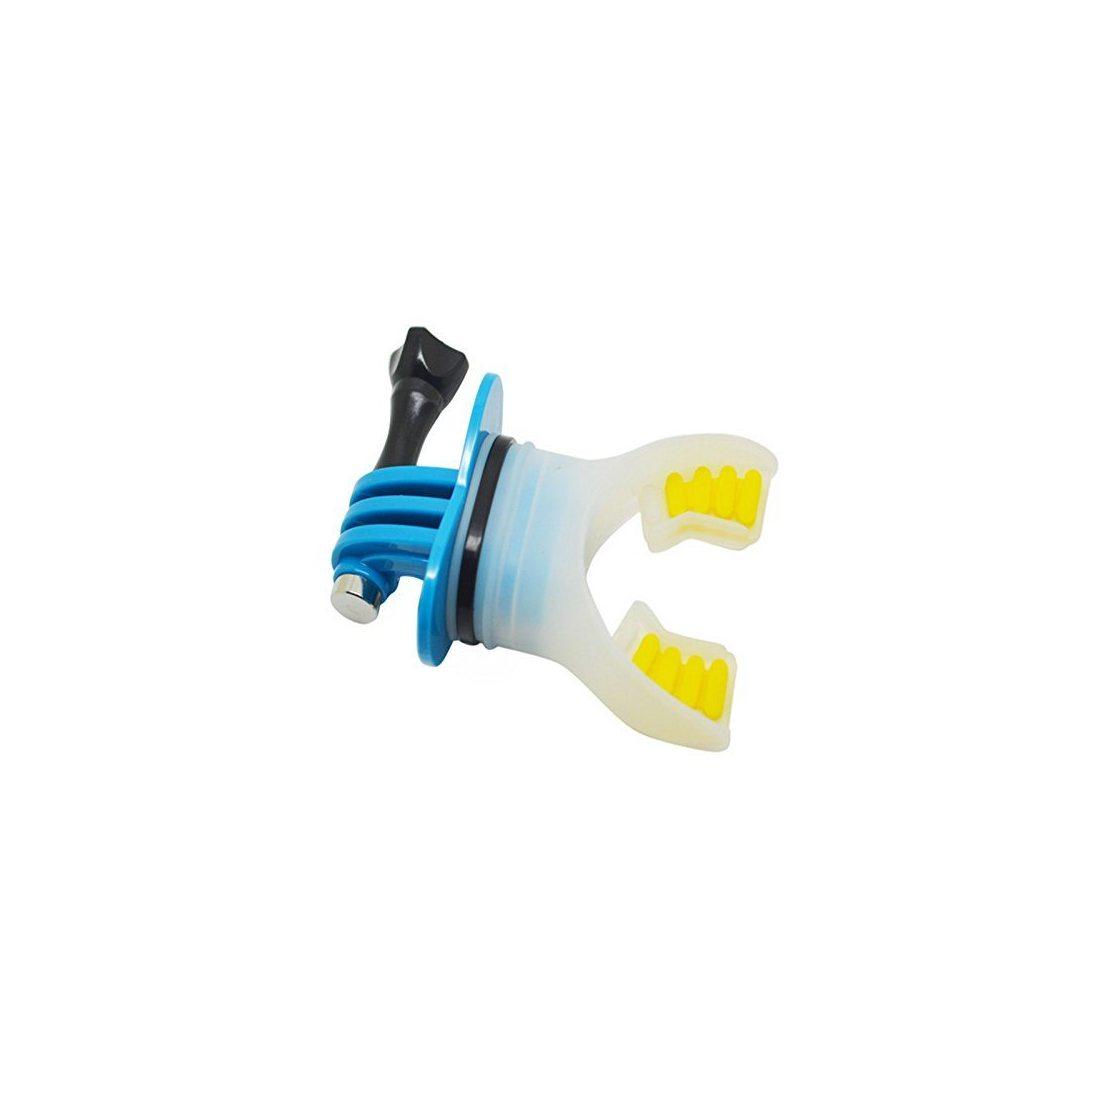 Goliton® Support en bouche de surf connecteur + flottant + lanière de surf pour GoPro Hero 4S/4/3+/3/2/1-Bleu